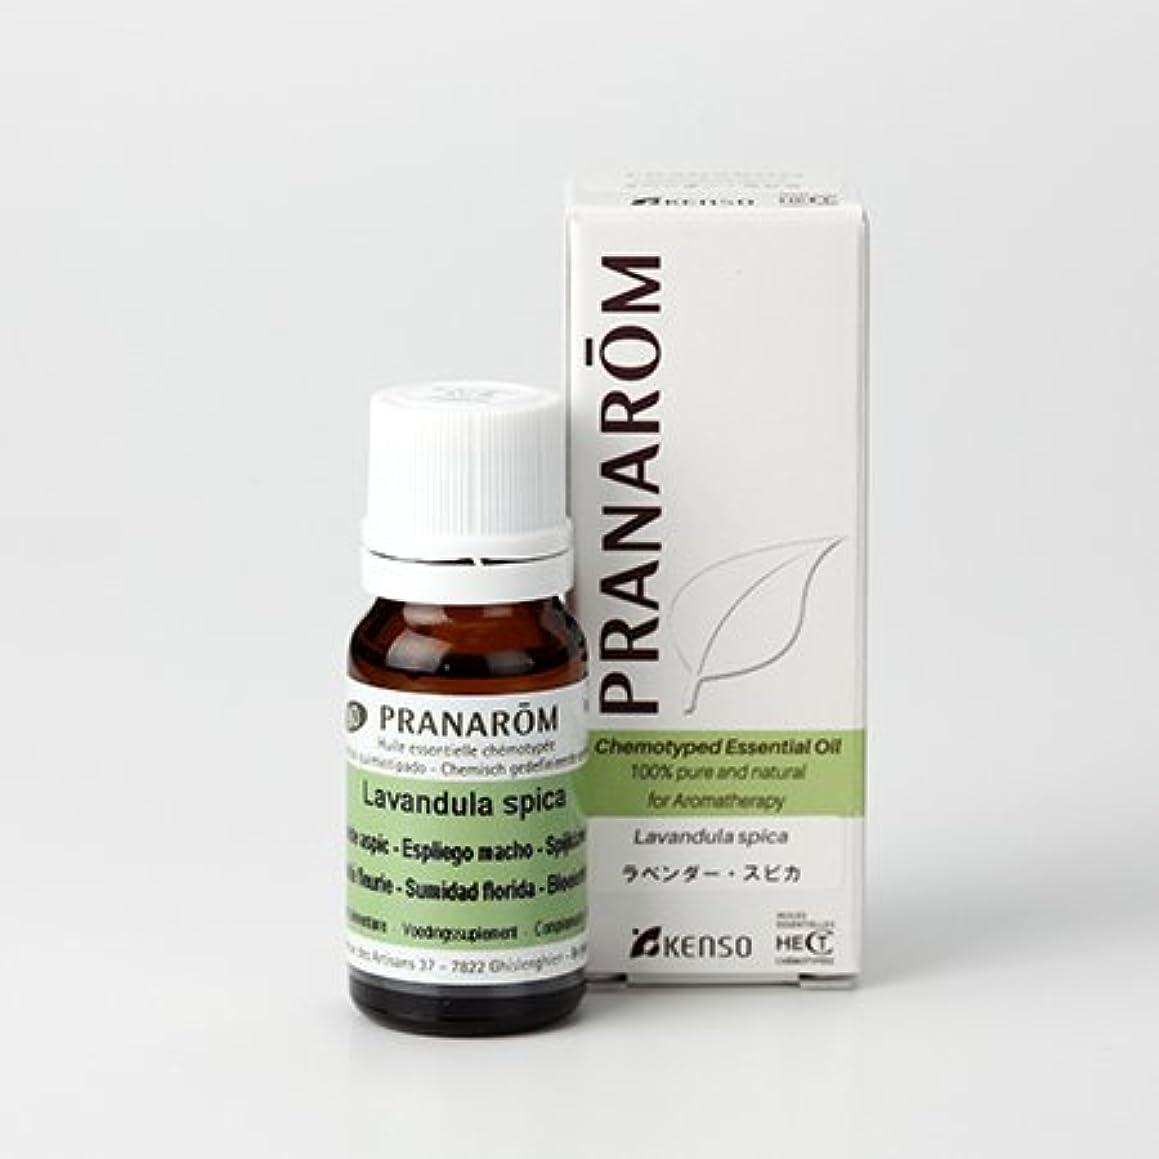 テザー施しヒューマニスティックプラナロム ( PRANAROM ) 精油 ラベンダー?スピカ 10ml p-101 ラベンダースピカ